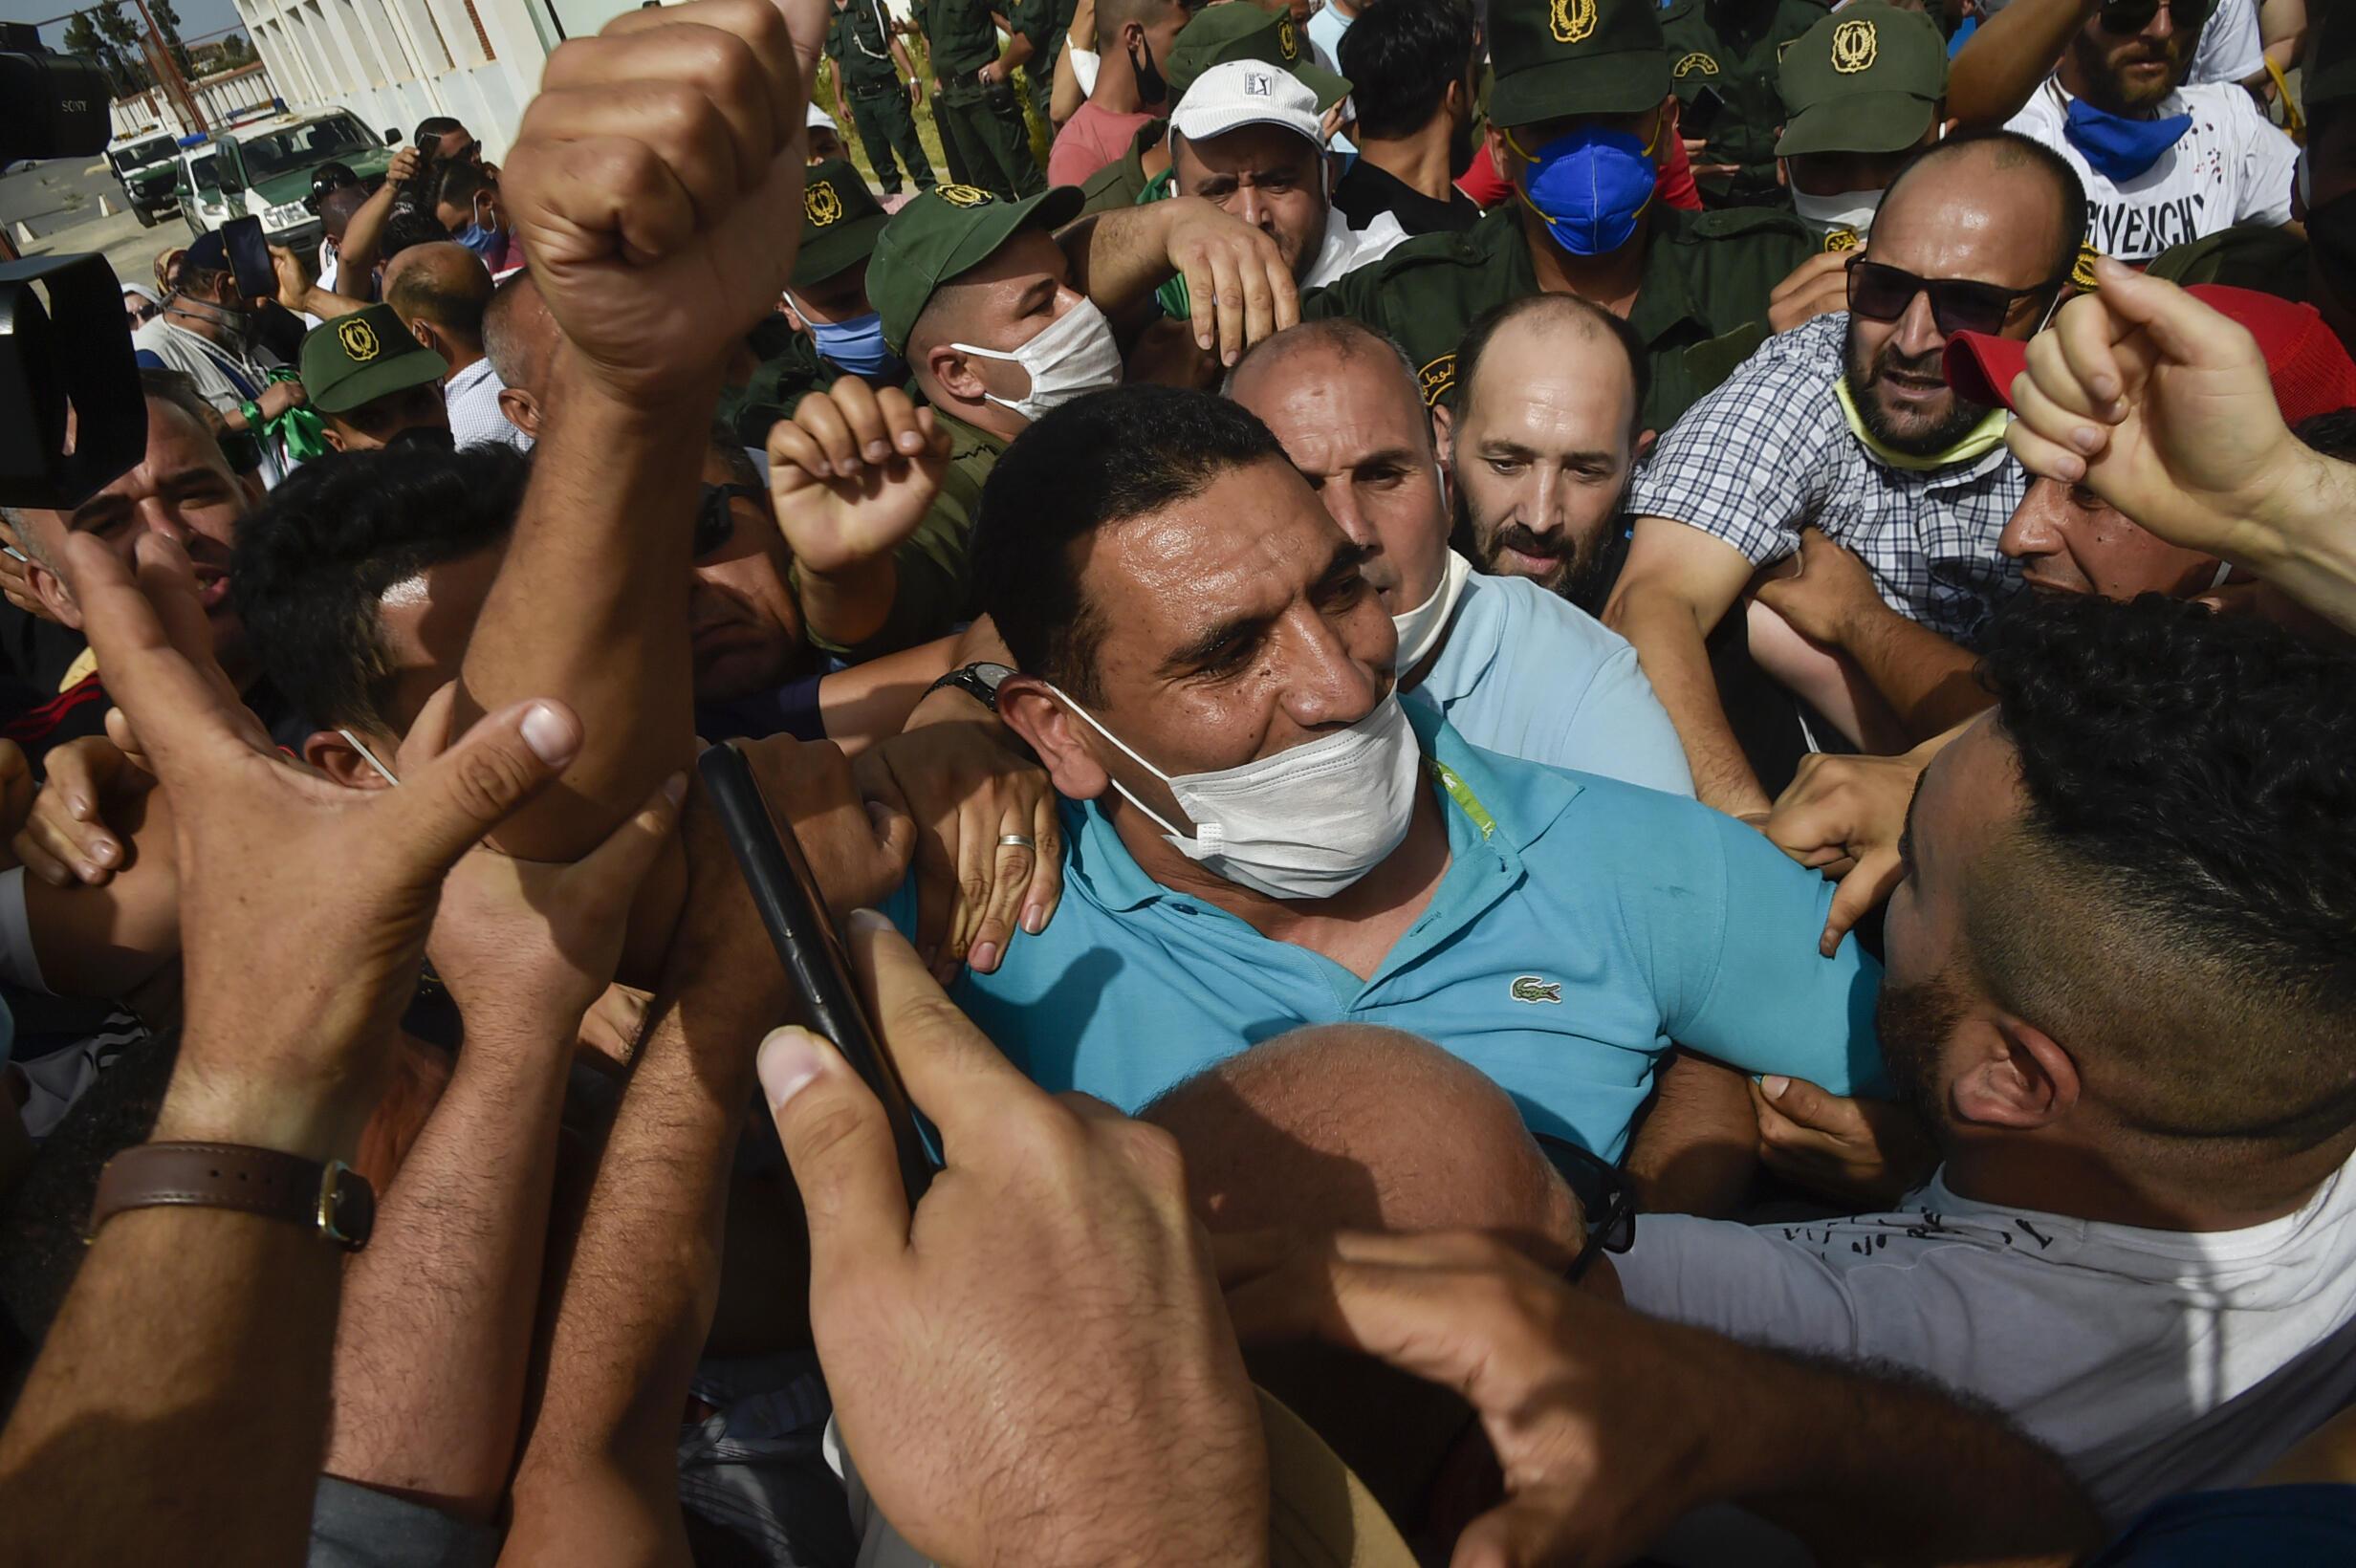 الناشط الجزائري كريم طابو وسط حشد تجمع لتحيته بعد الإفراج عنه من السجن في الثاني من يوليو/تموز 2020.